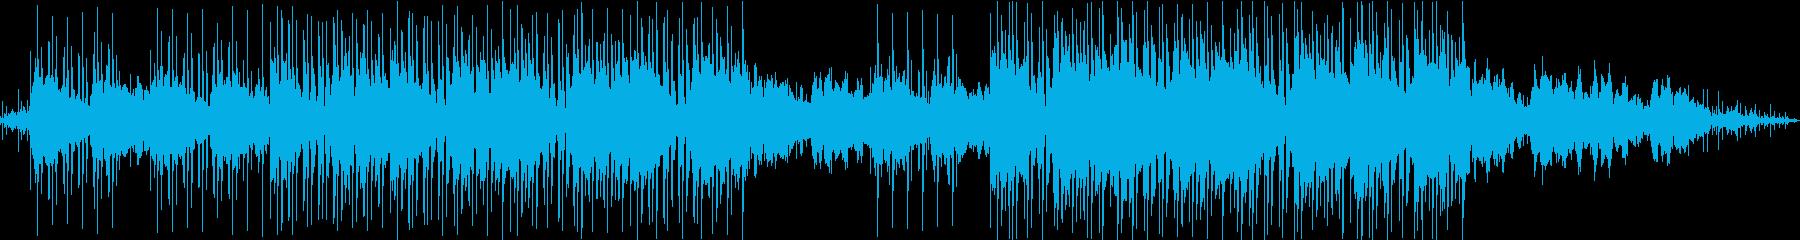 レトロ・ジャジーでチルでLoFiなBGMの再生済みの波形